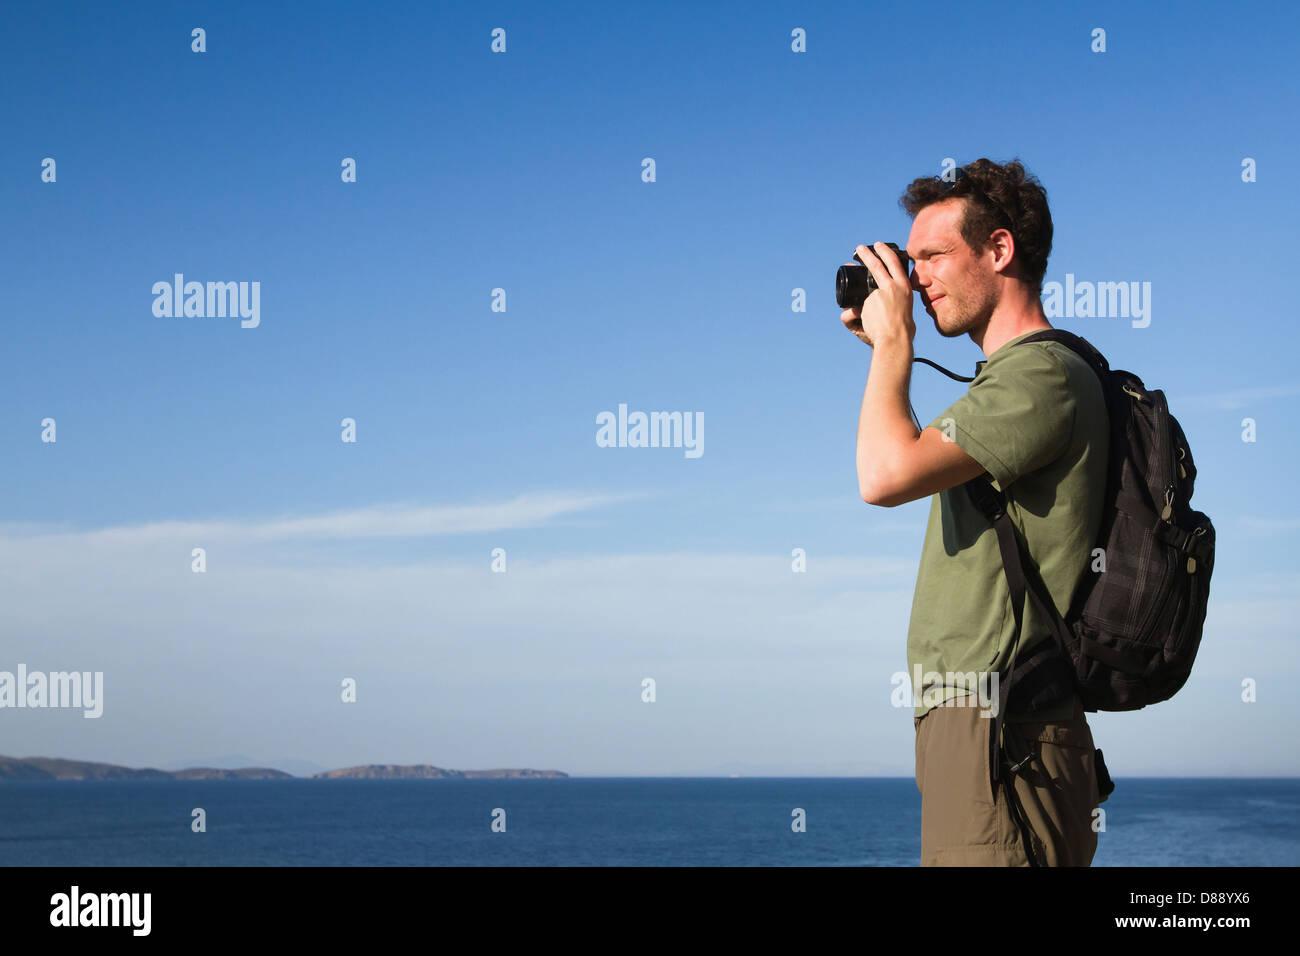 Fotografo e viaggiatore con lo zaino per scattare foto all'aperto Immagini Stock